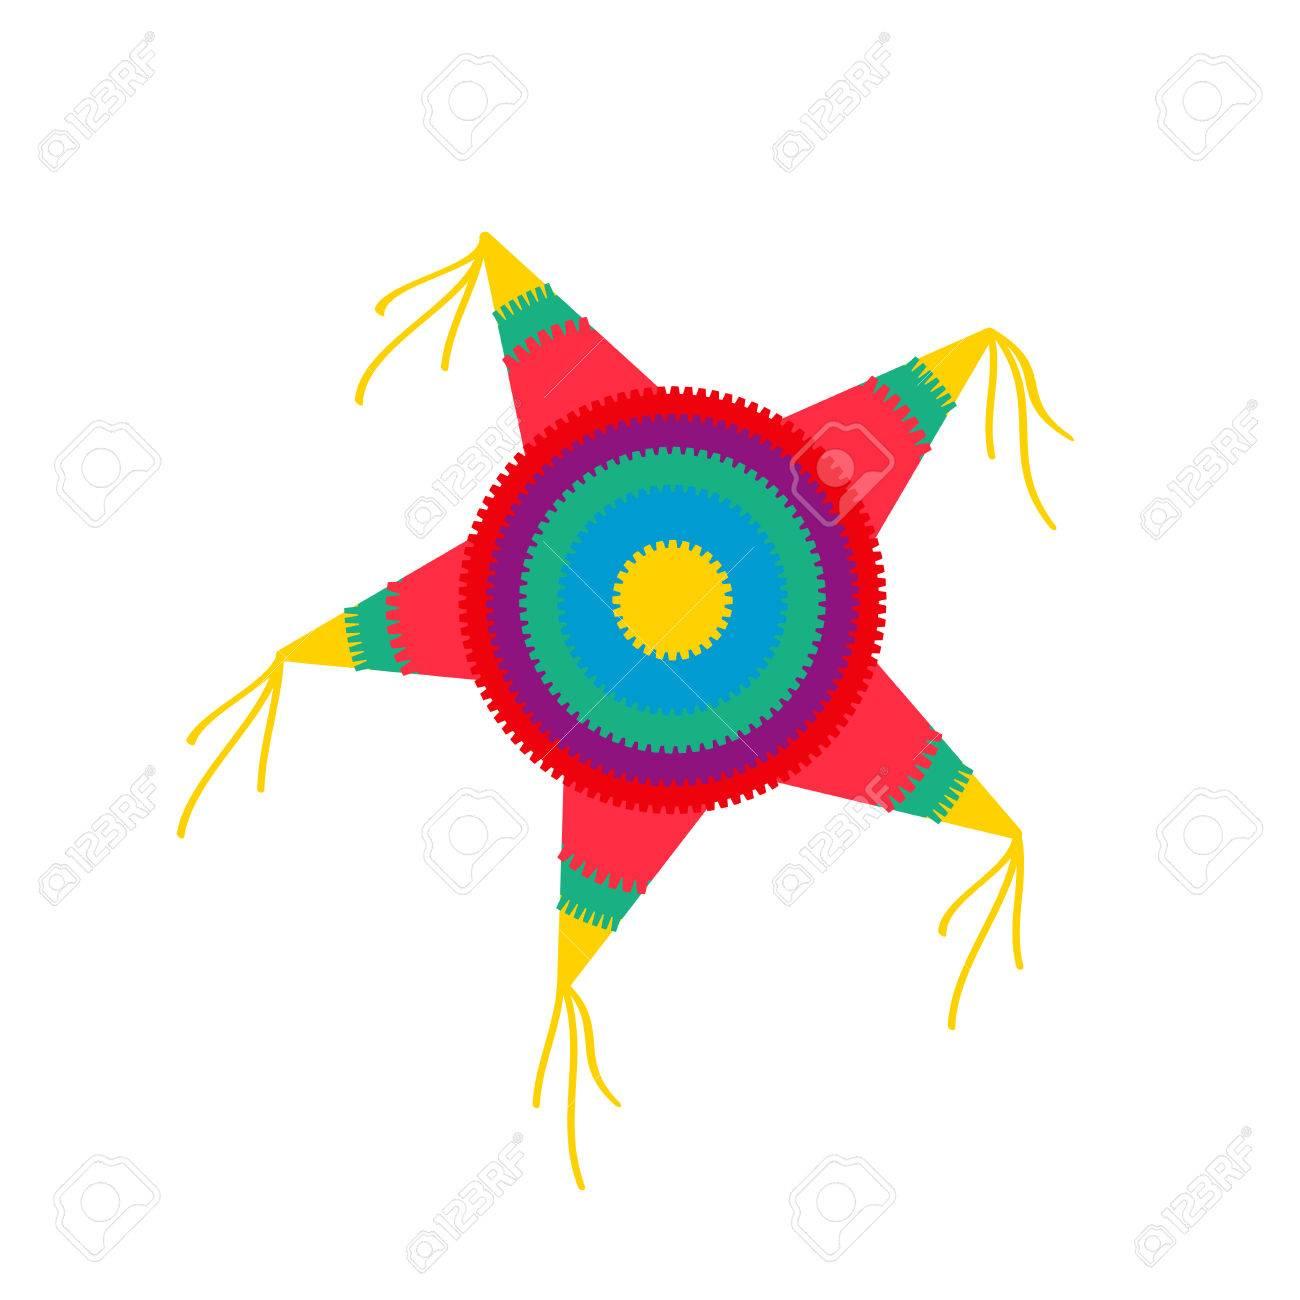 Zygara clipart pokemon graphic freeuse Pinata clipart star pinata - 101 transparent clip arts ... graphic freeuse